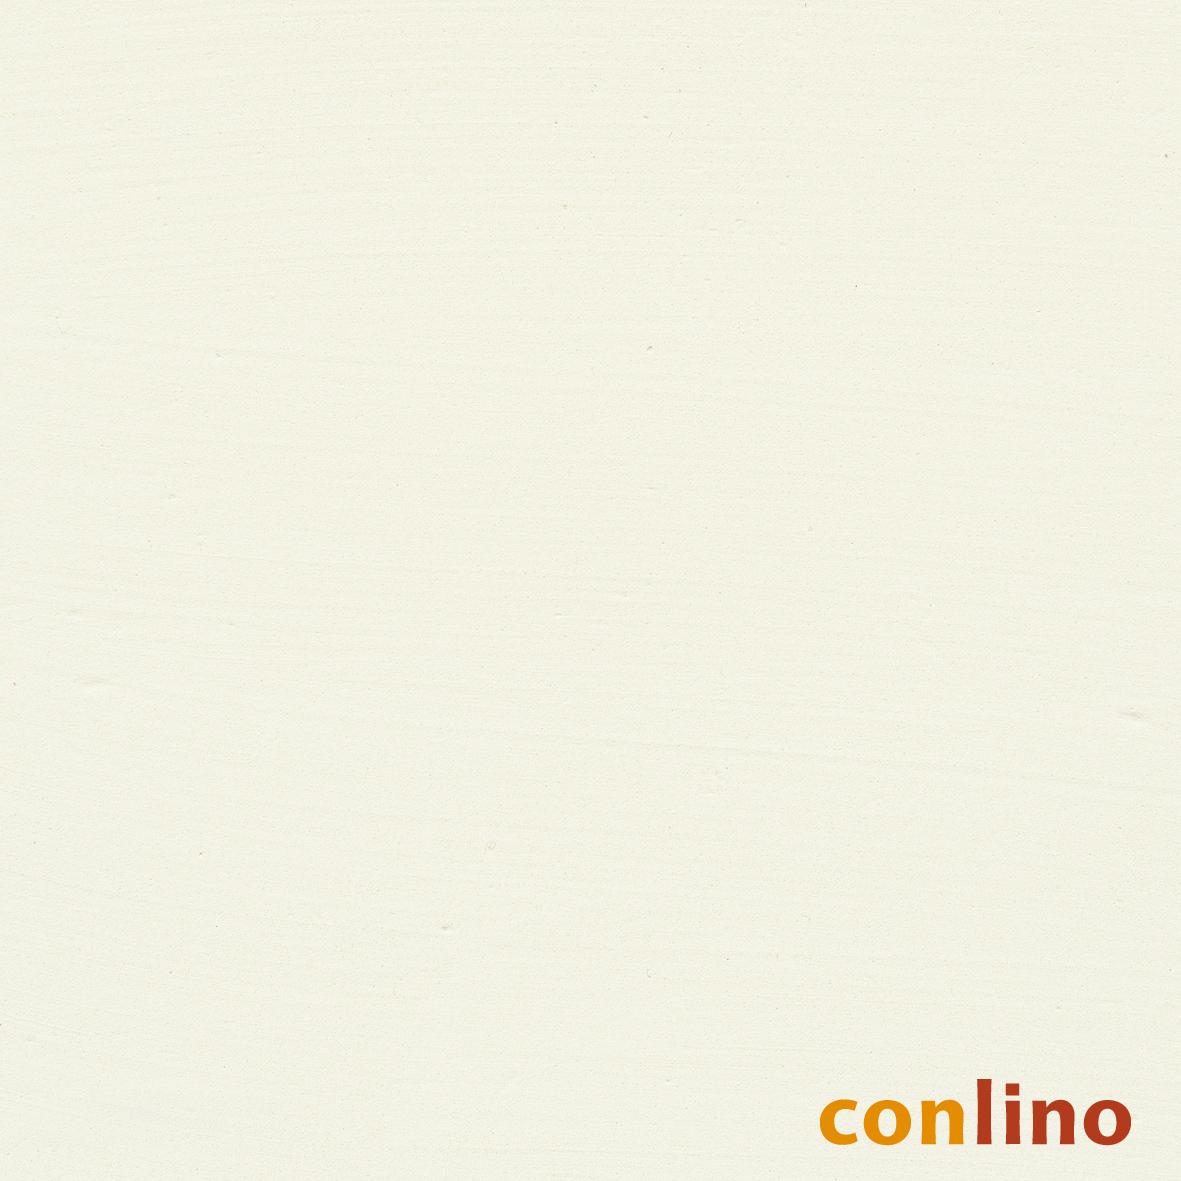 conlino Lehmfarbe Verona hell CL 138